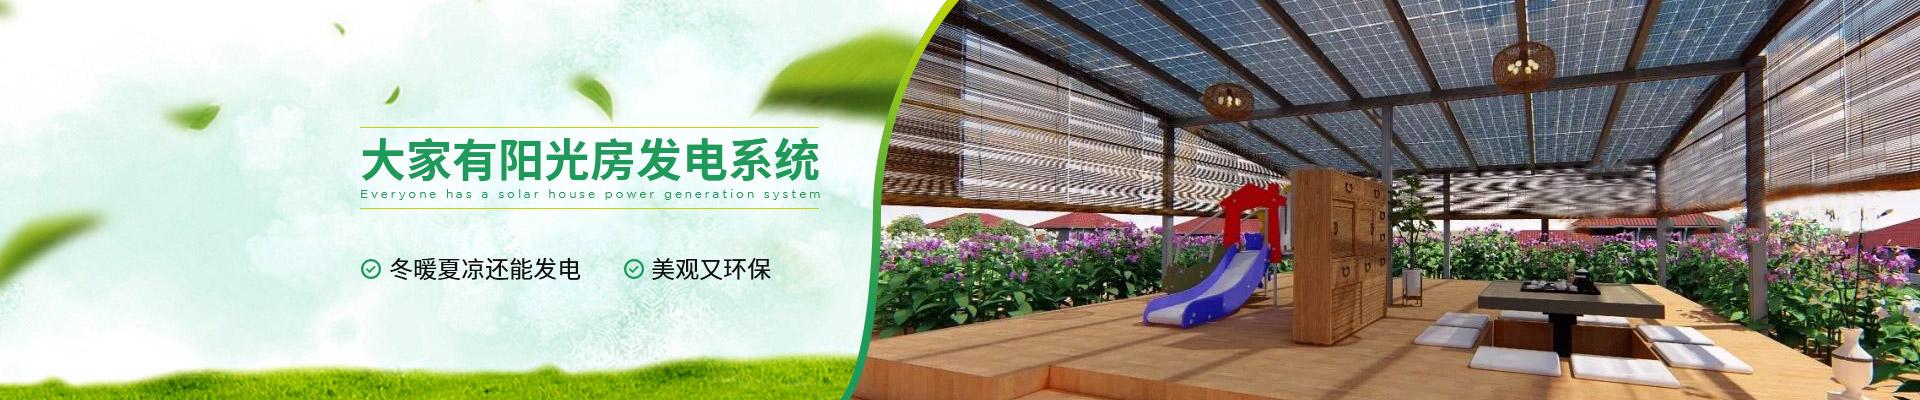 大家有阳光房发电系统:冬暖夏凉还能发电,美观又环保